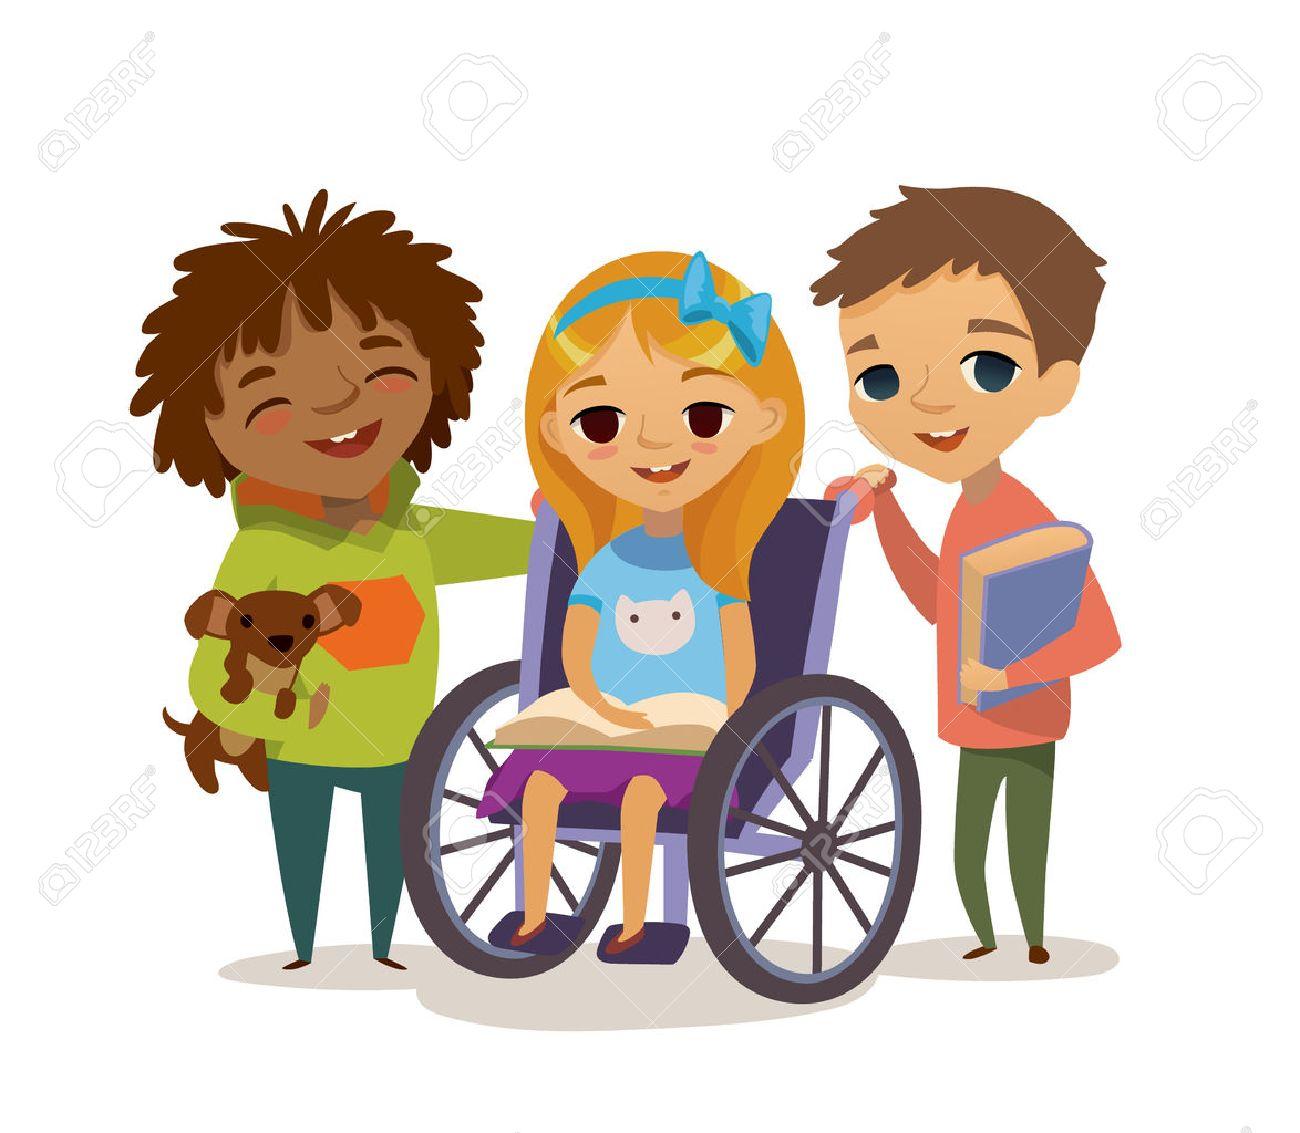 Concept De La Petite Enfance Heureuse Prendre Soin De L Enfant Handicapé Apprendre Et Jouer Ensemble Les Enfants Handicapés Aider Les Intégrer